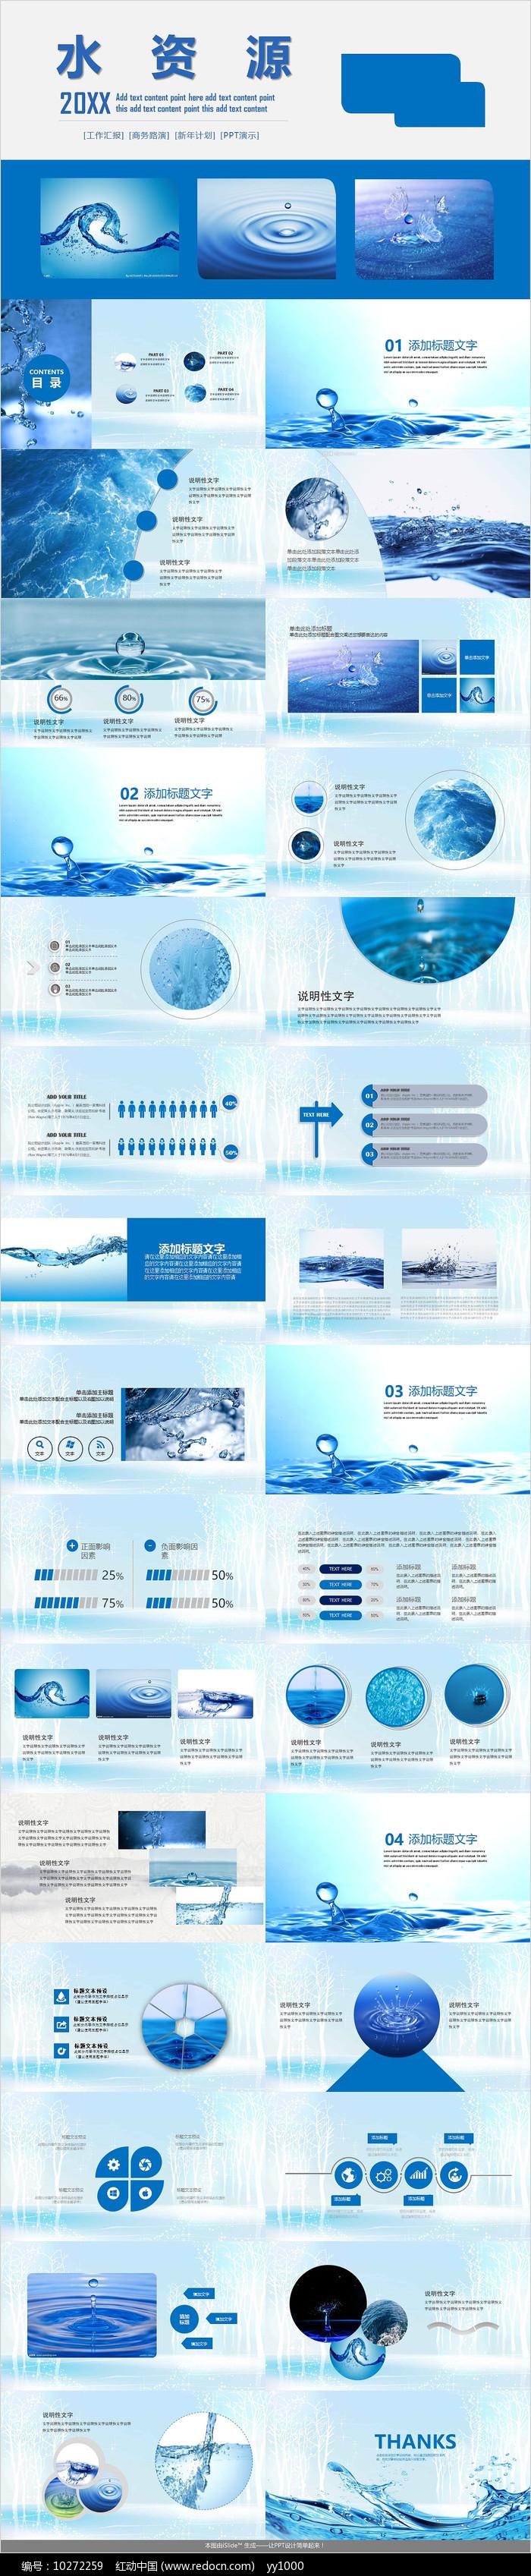 蓝色珍惜水资源PPT模板图片